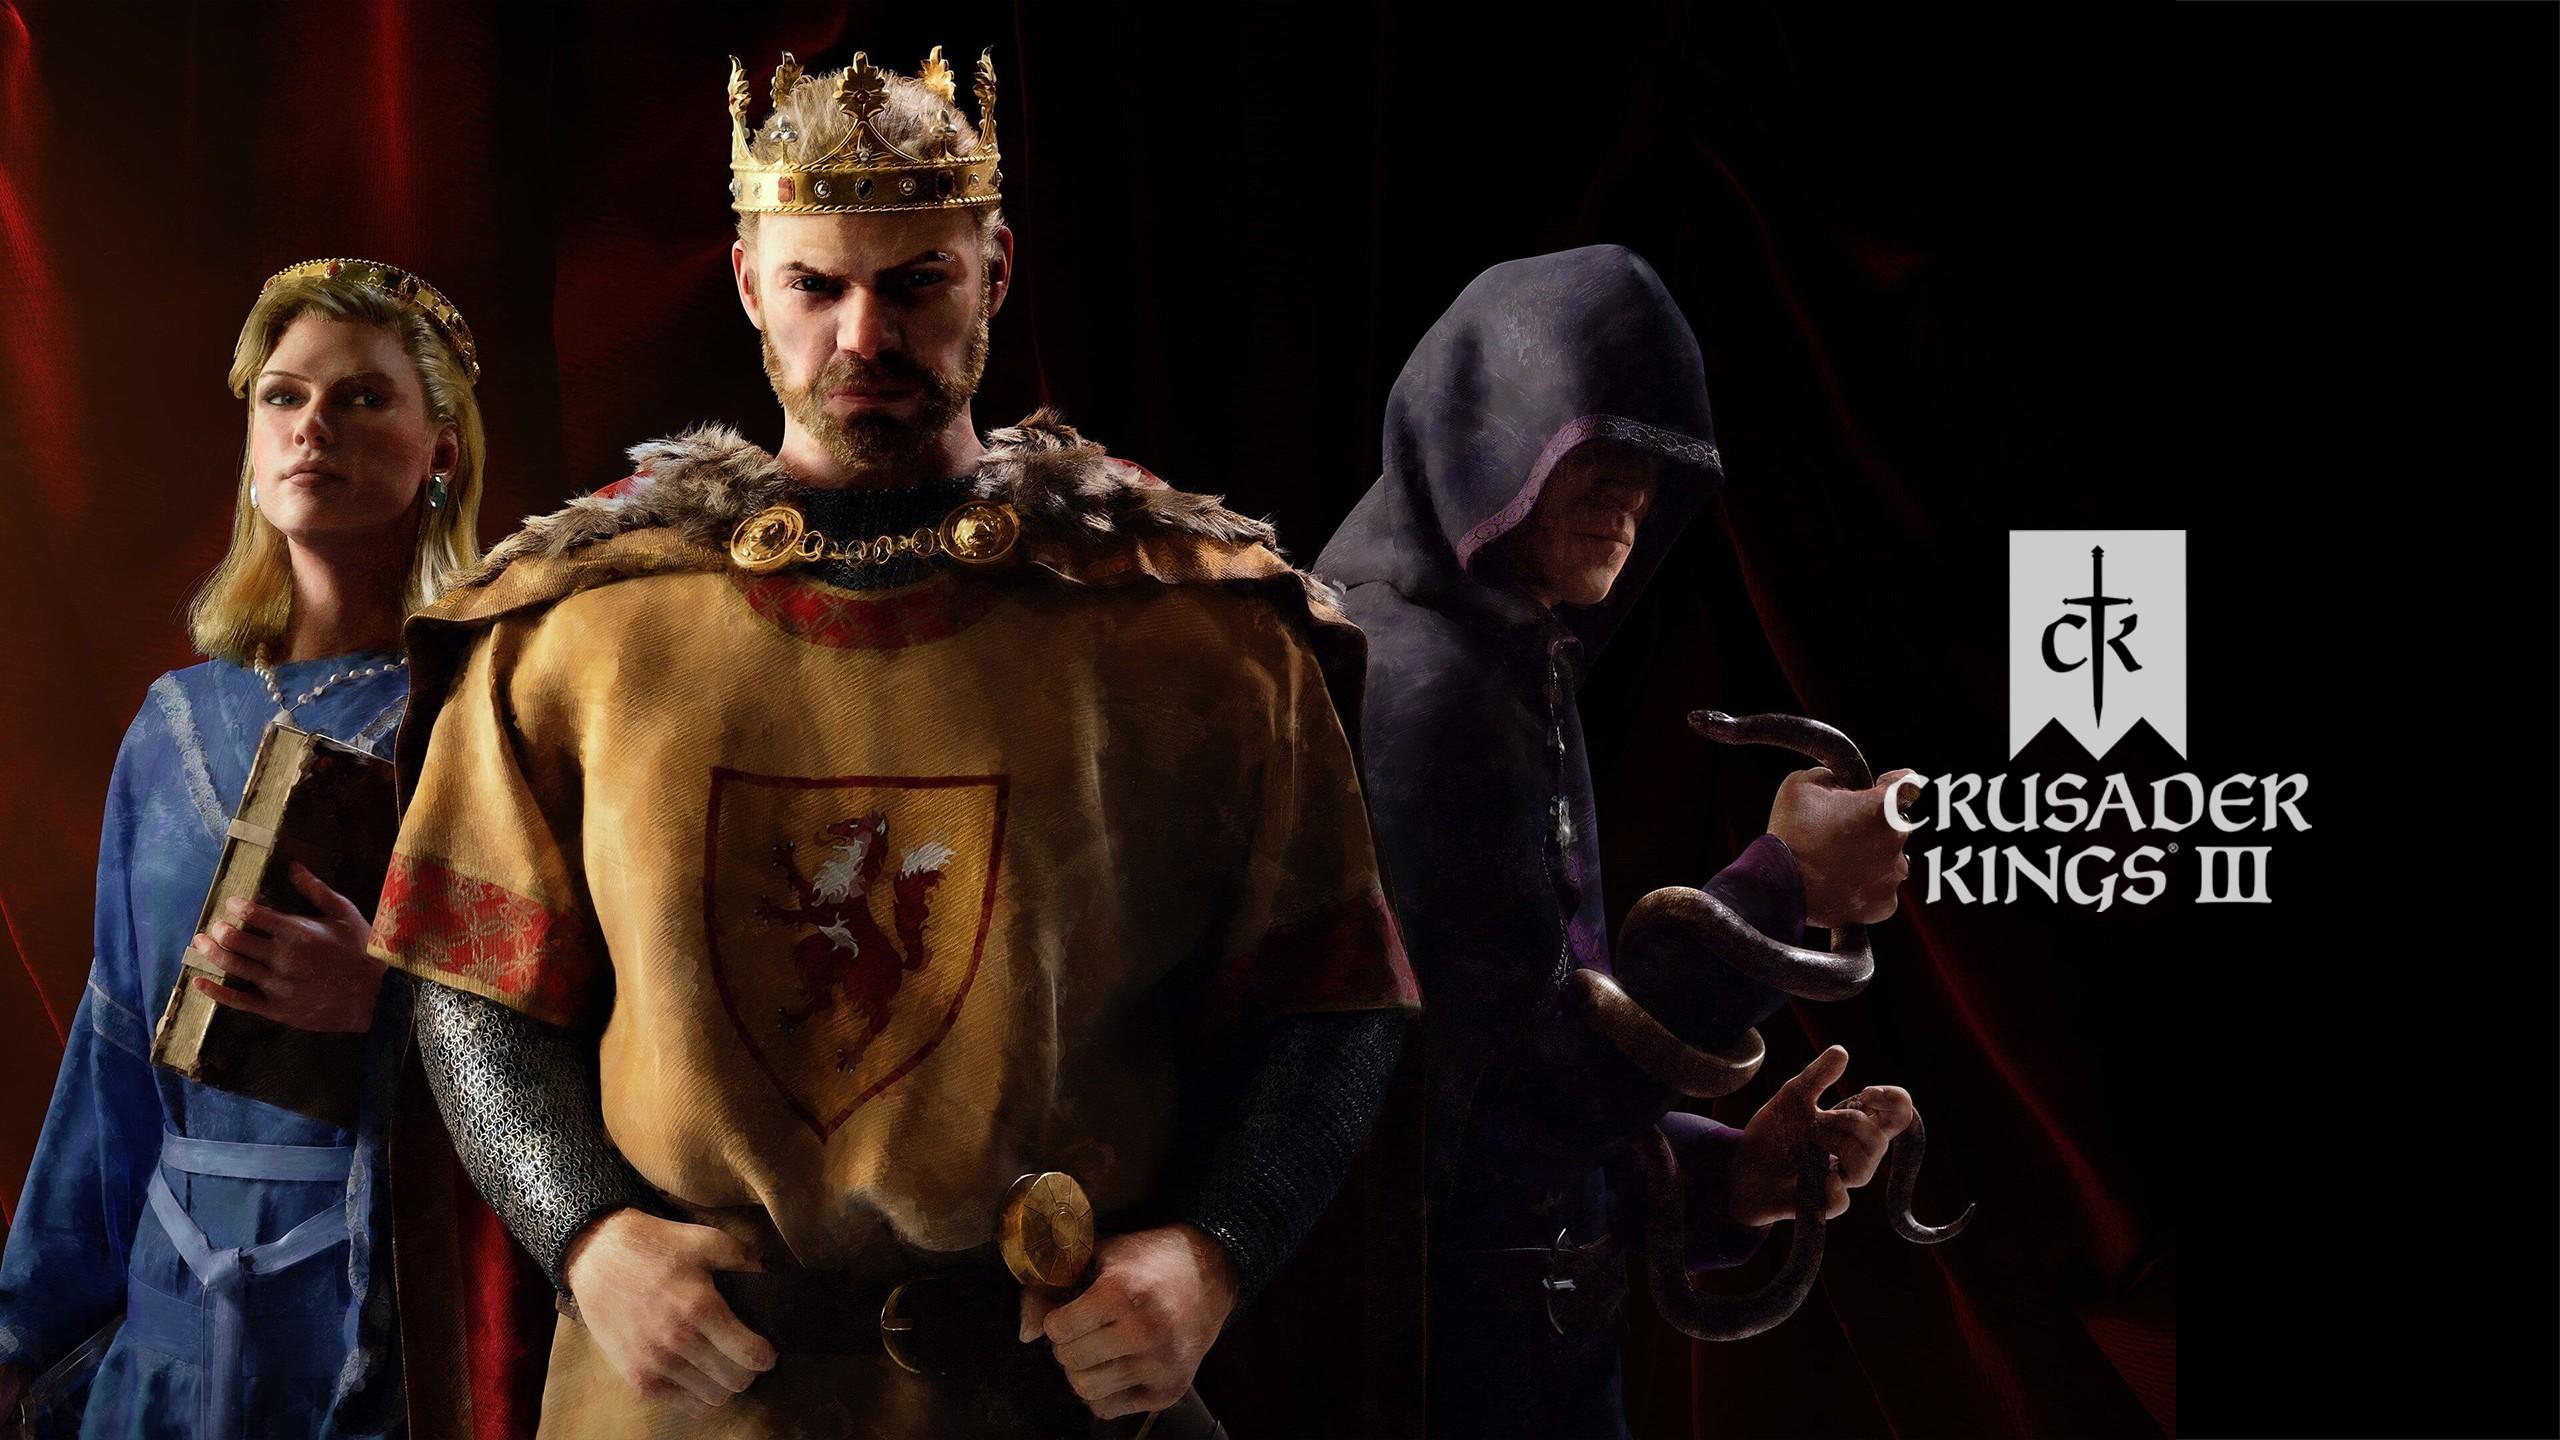 Games that RocketBrush Studio contributed to – Crusader Kings 3